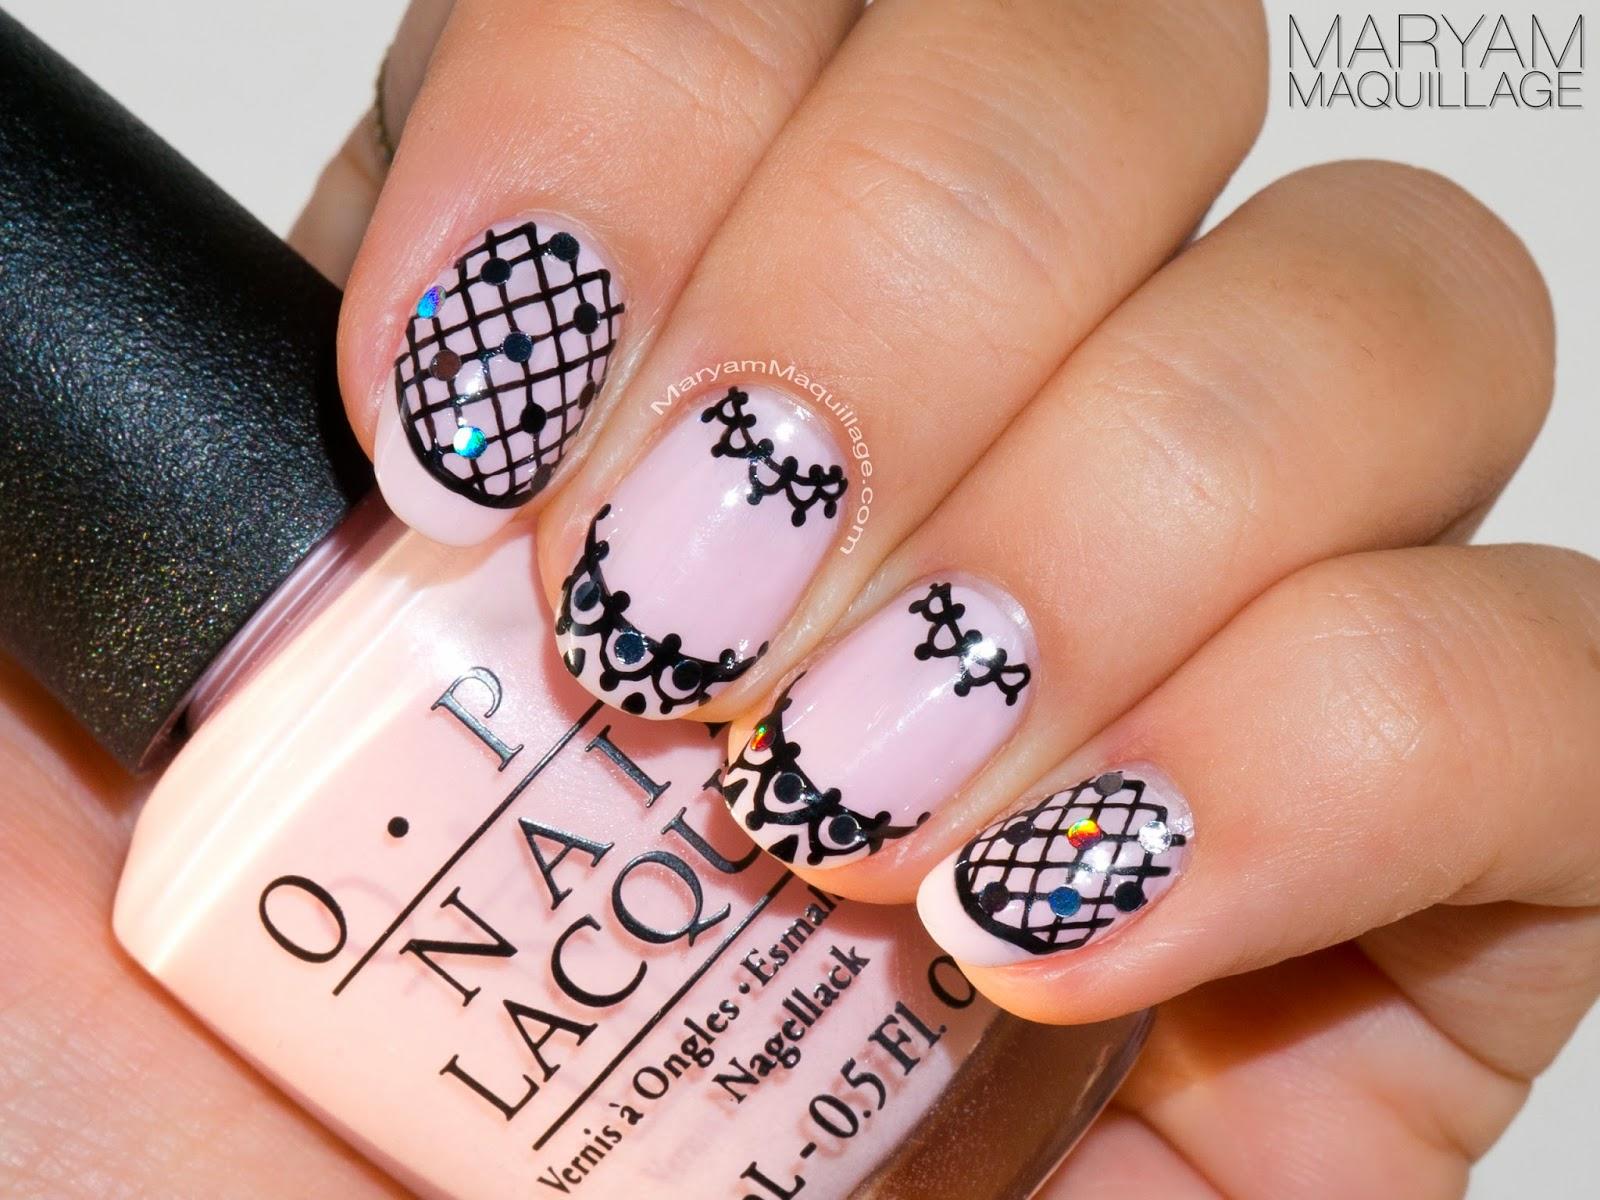 Maryam Maquillage Pink Lace Nail Art